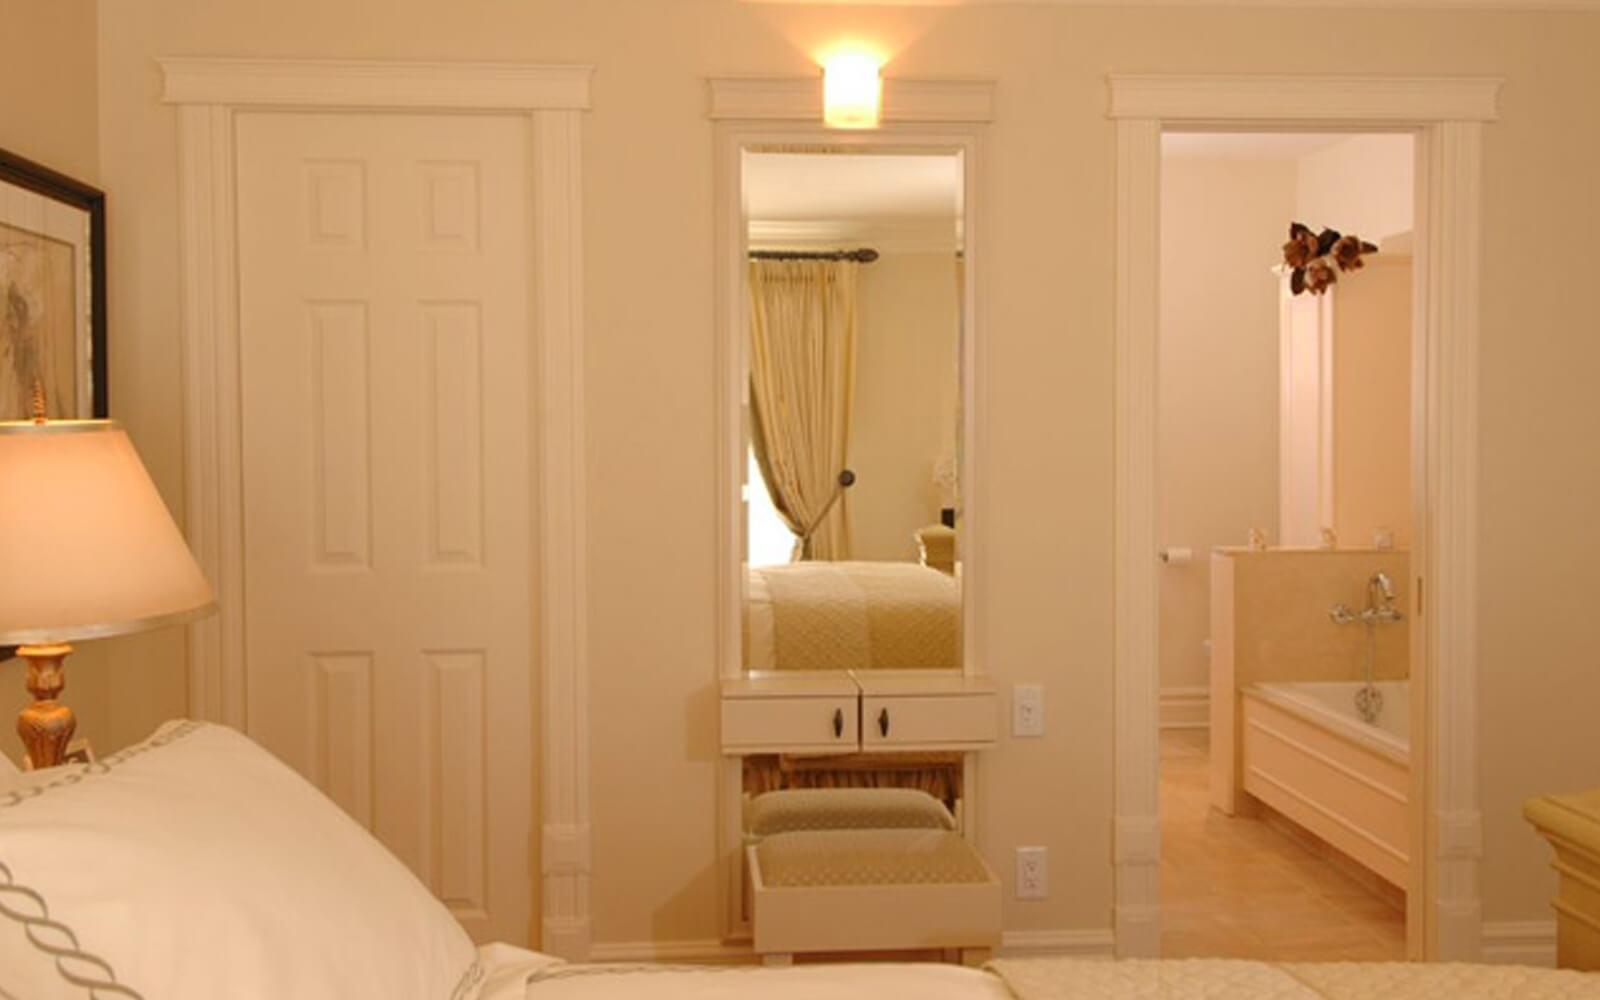 Décoration d'intérieur chambre couleur crème